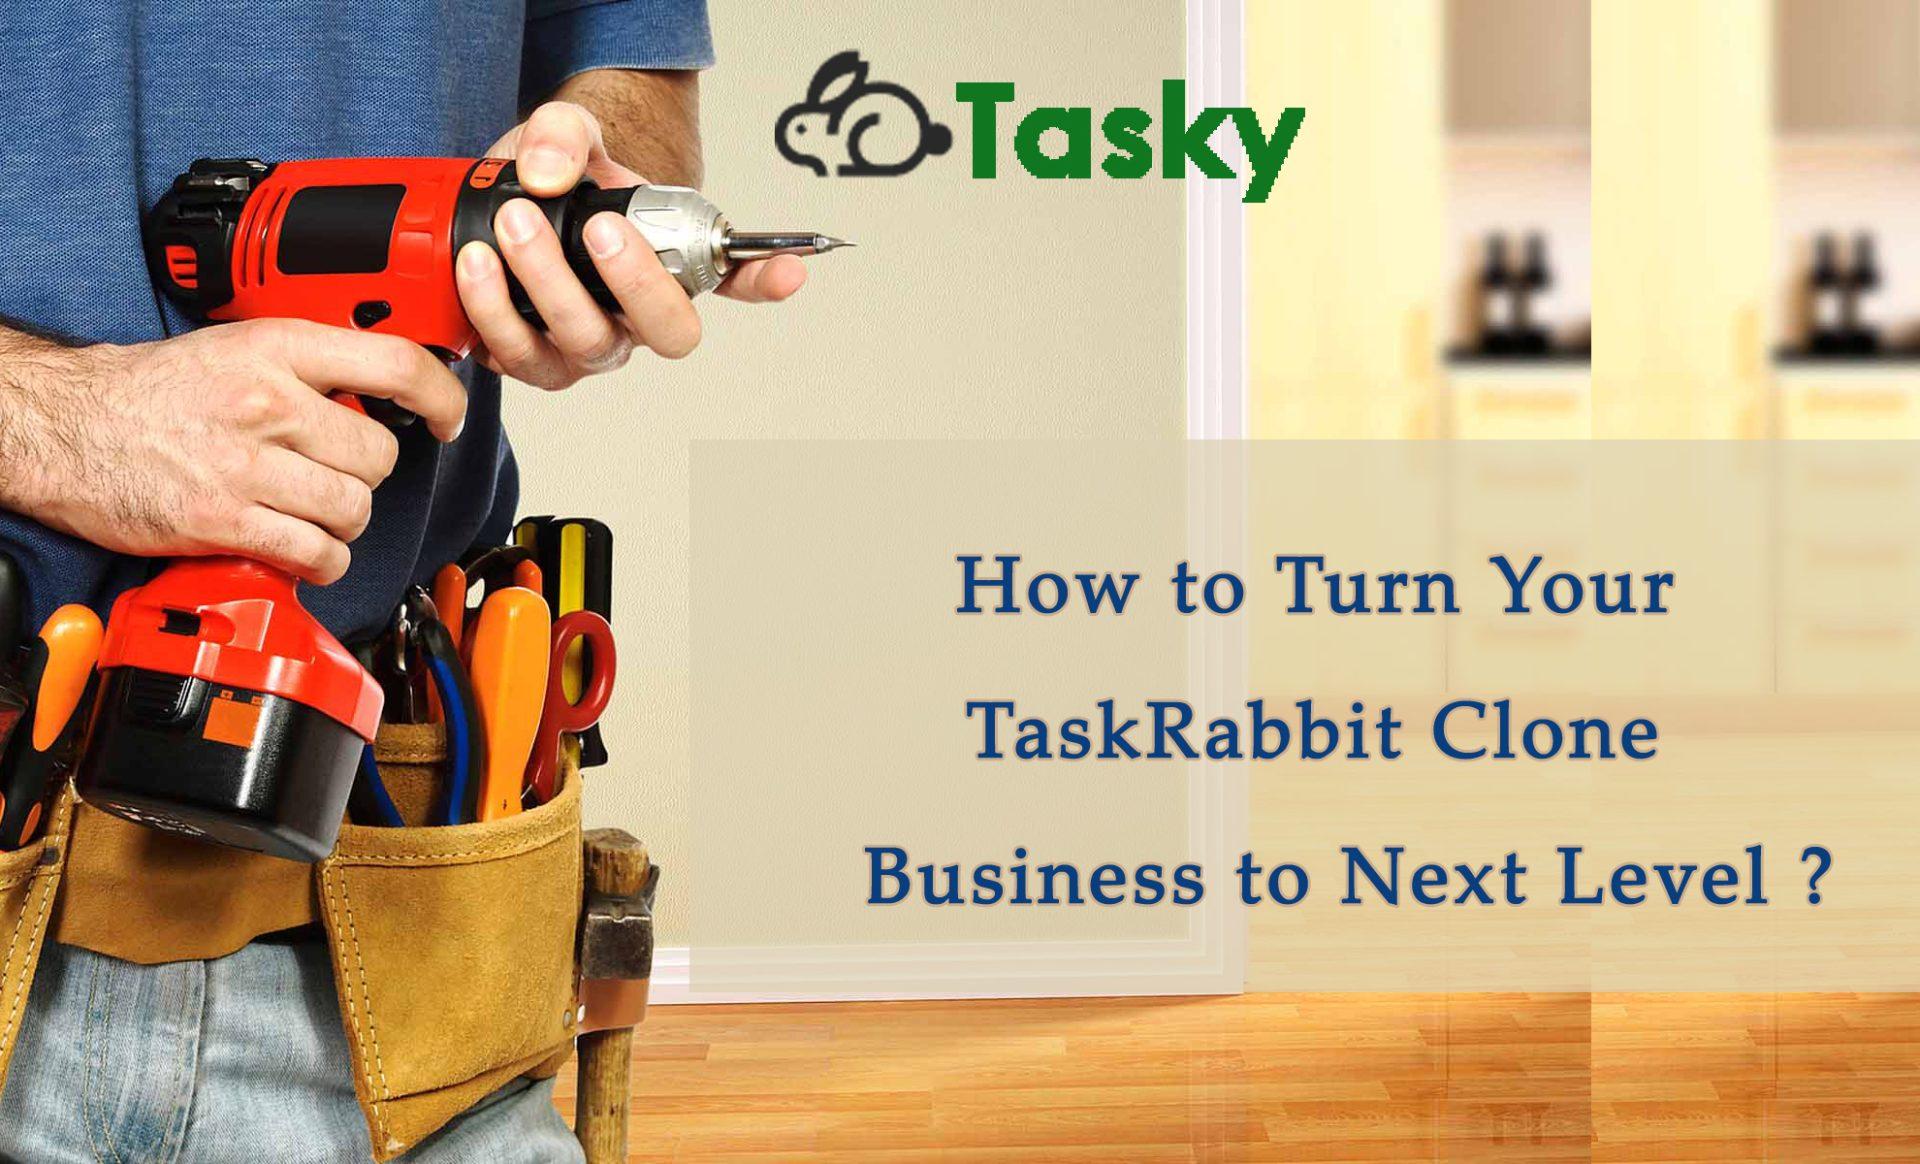 taskrabbit app clone